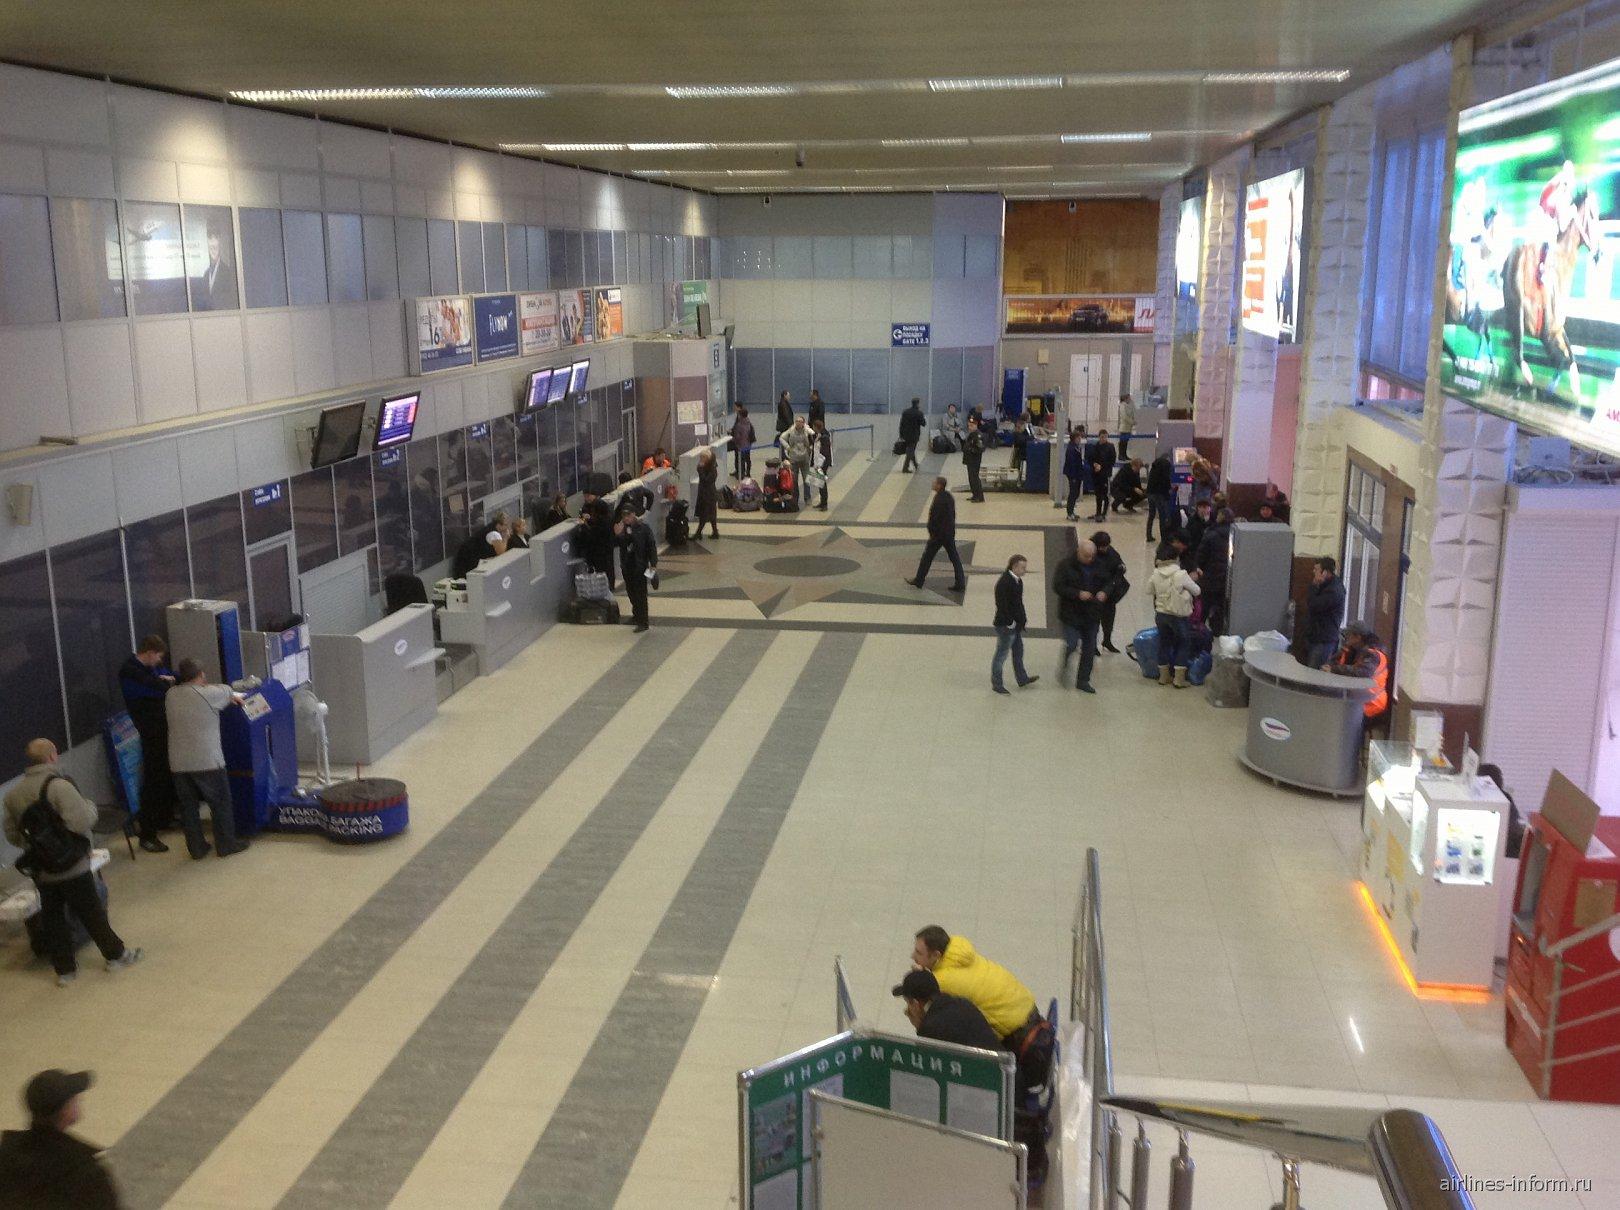 В аэровокзале аэропорта Талаги в Архангельске